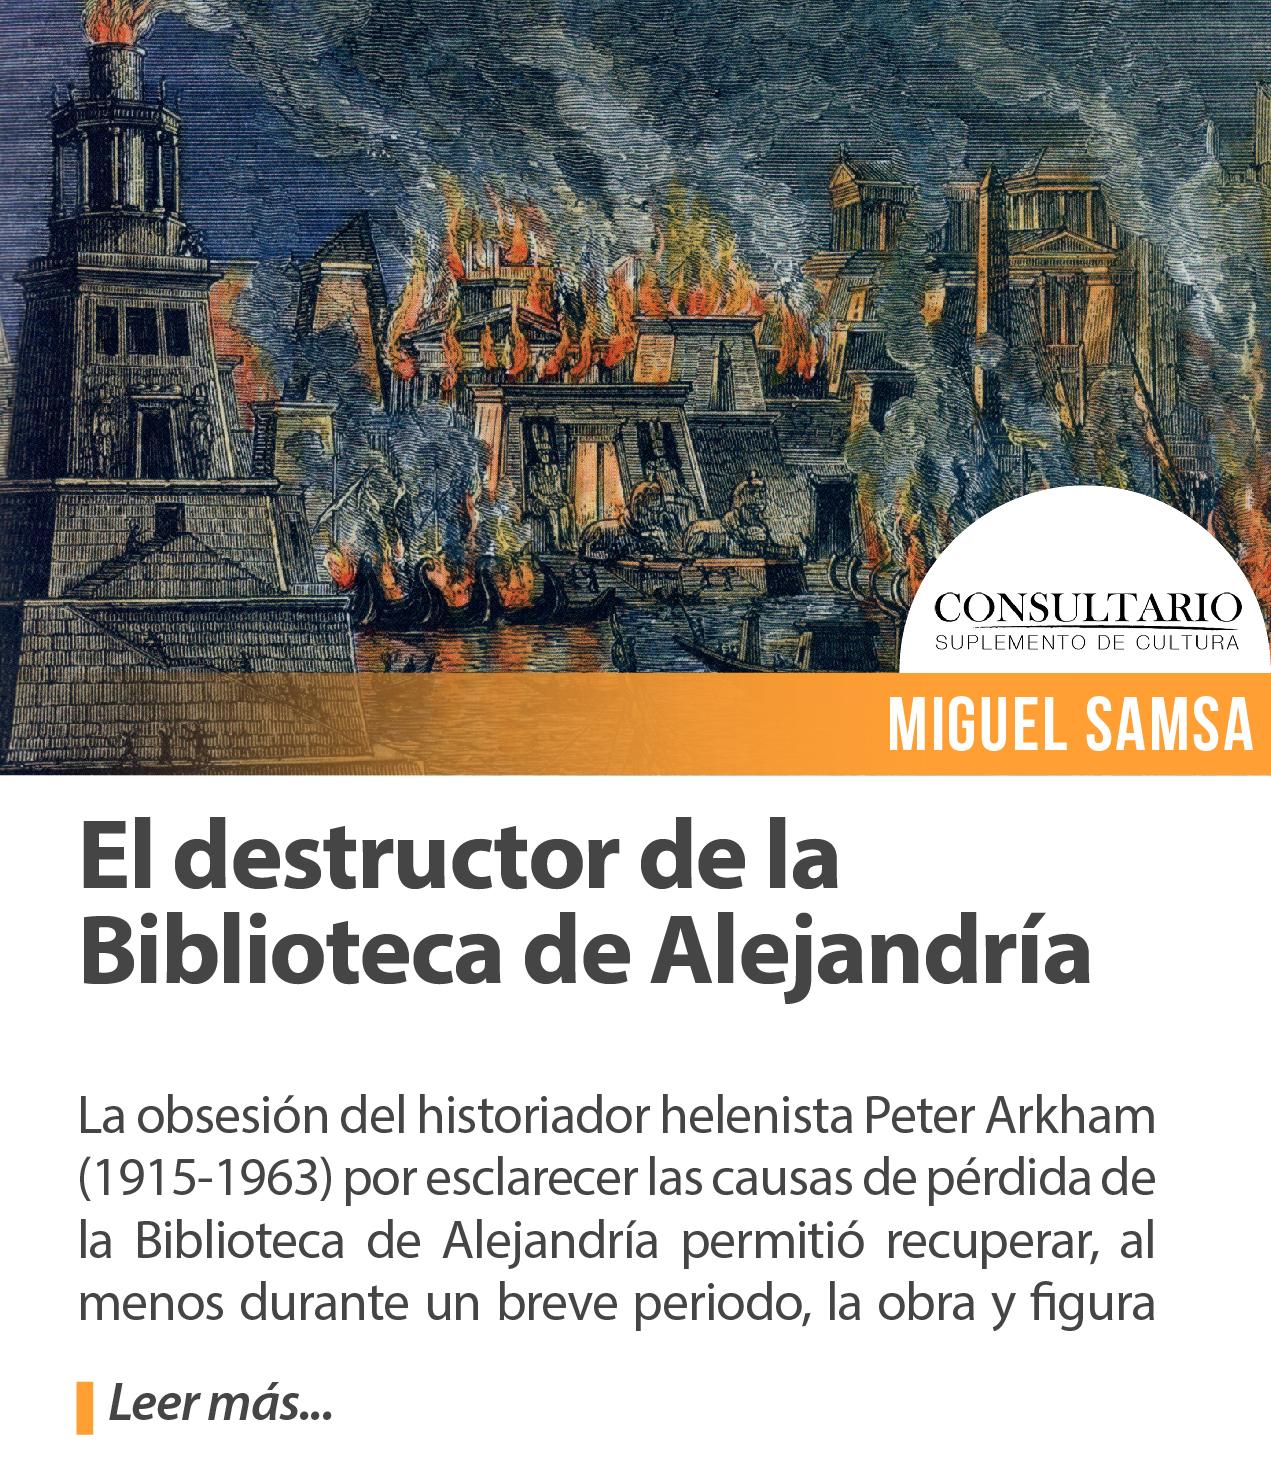 El destructor de la Biblioteca de Alejandría